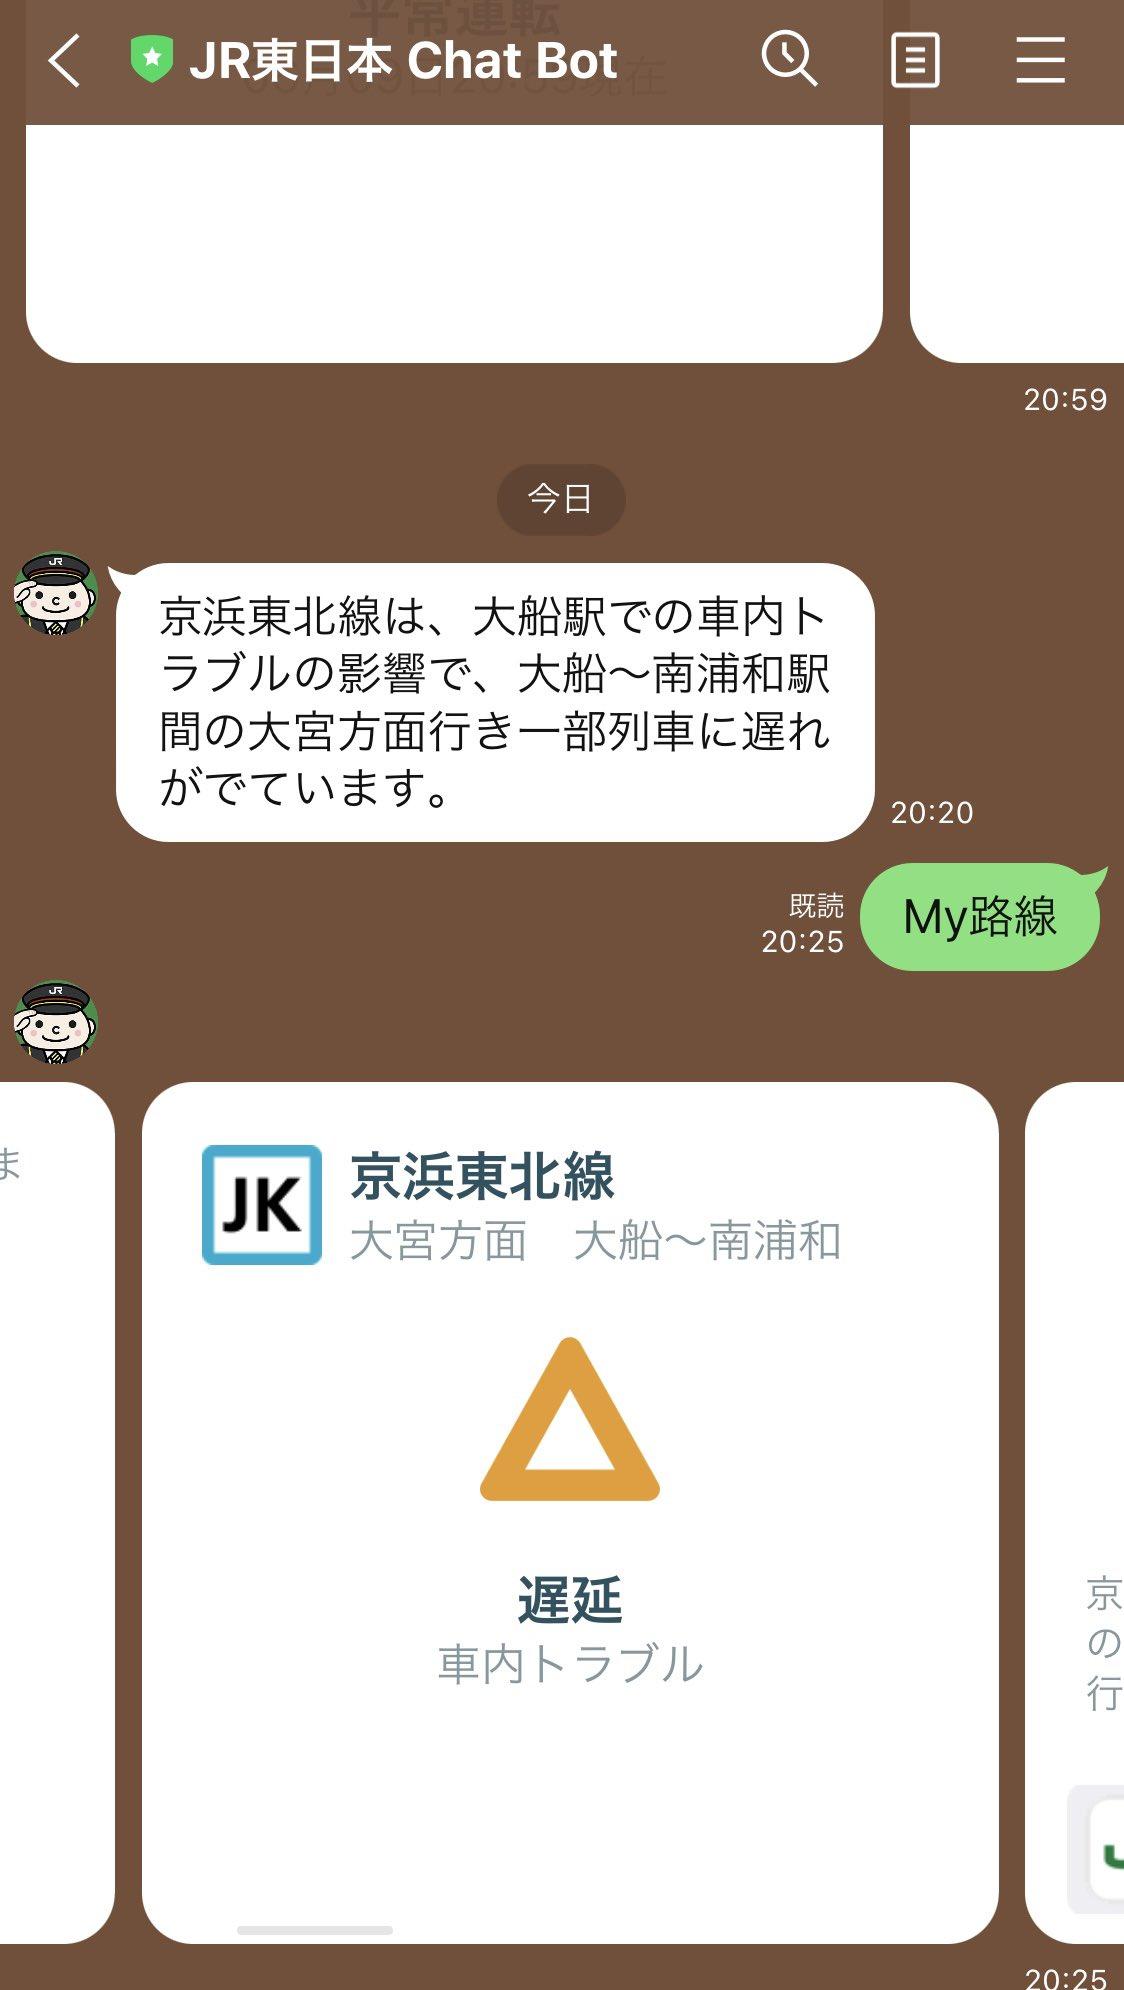 画像,JR東日本 Chat Bot の情報入った‼️京浜東北線、大船駅での車内トラブルの影響で大宮方面行きの電車に一部遅れだってさ‼️ってか、最果ての大船でトラブル起…